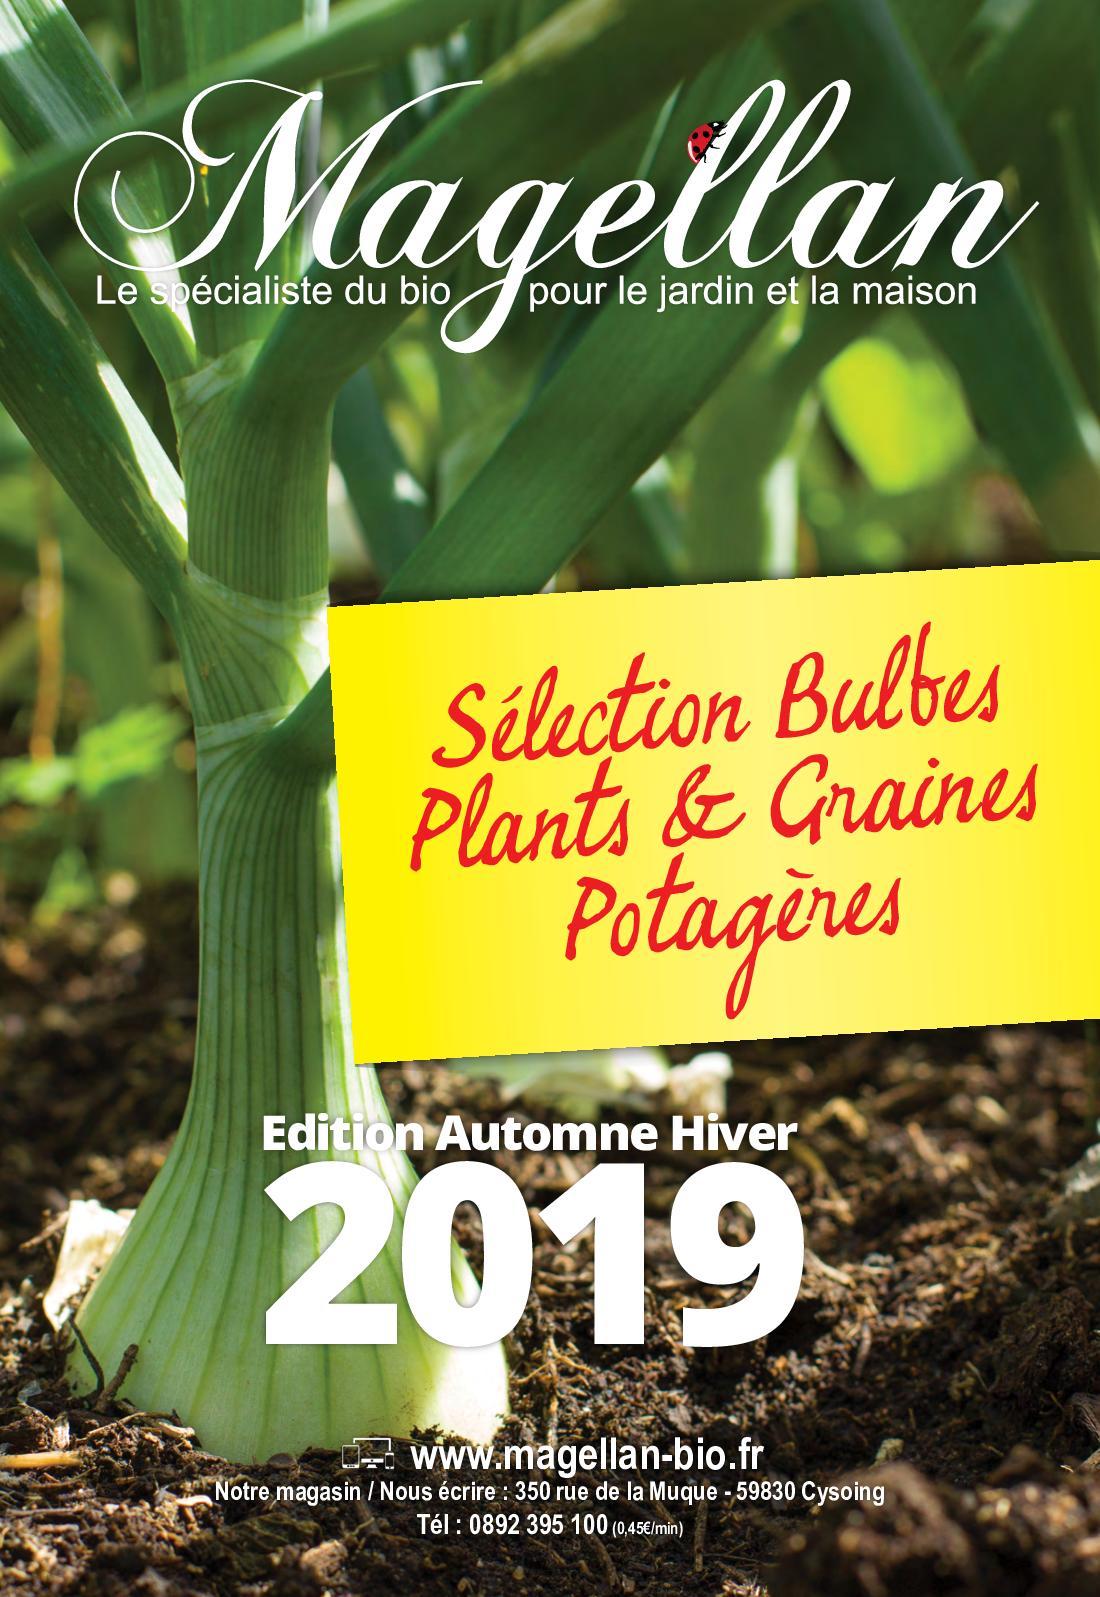 Repiquer Plants Oignons Blancs calaméo - bulbes, plants, graines potagères et engrais verts.